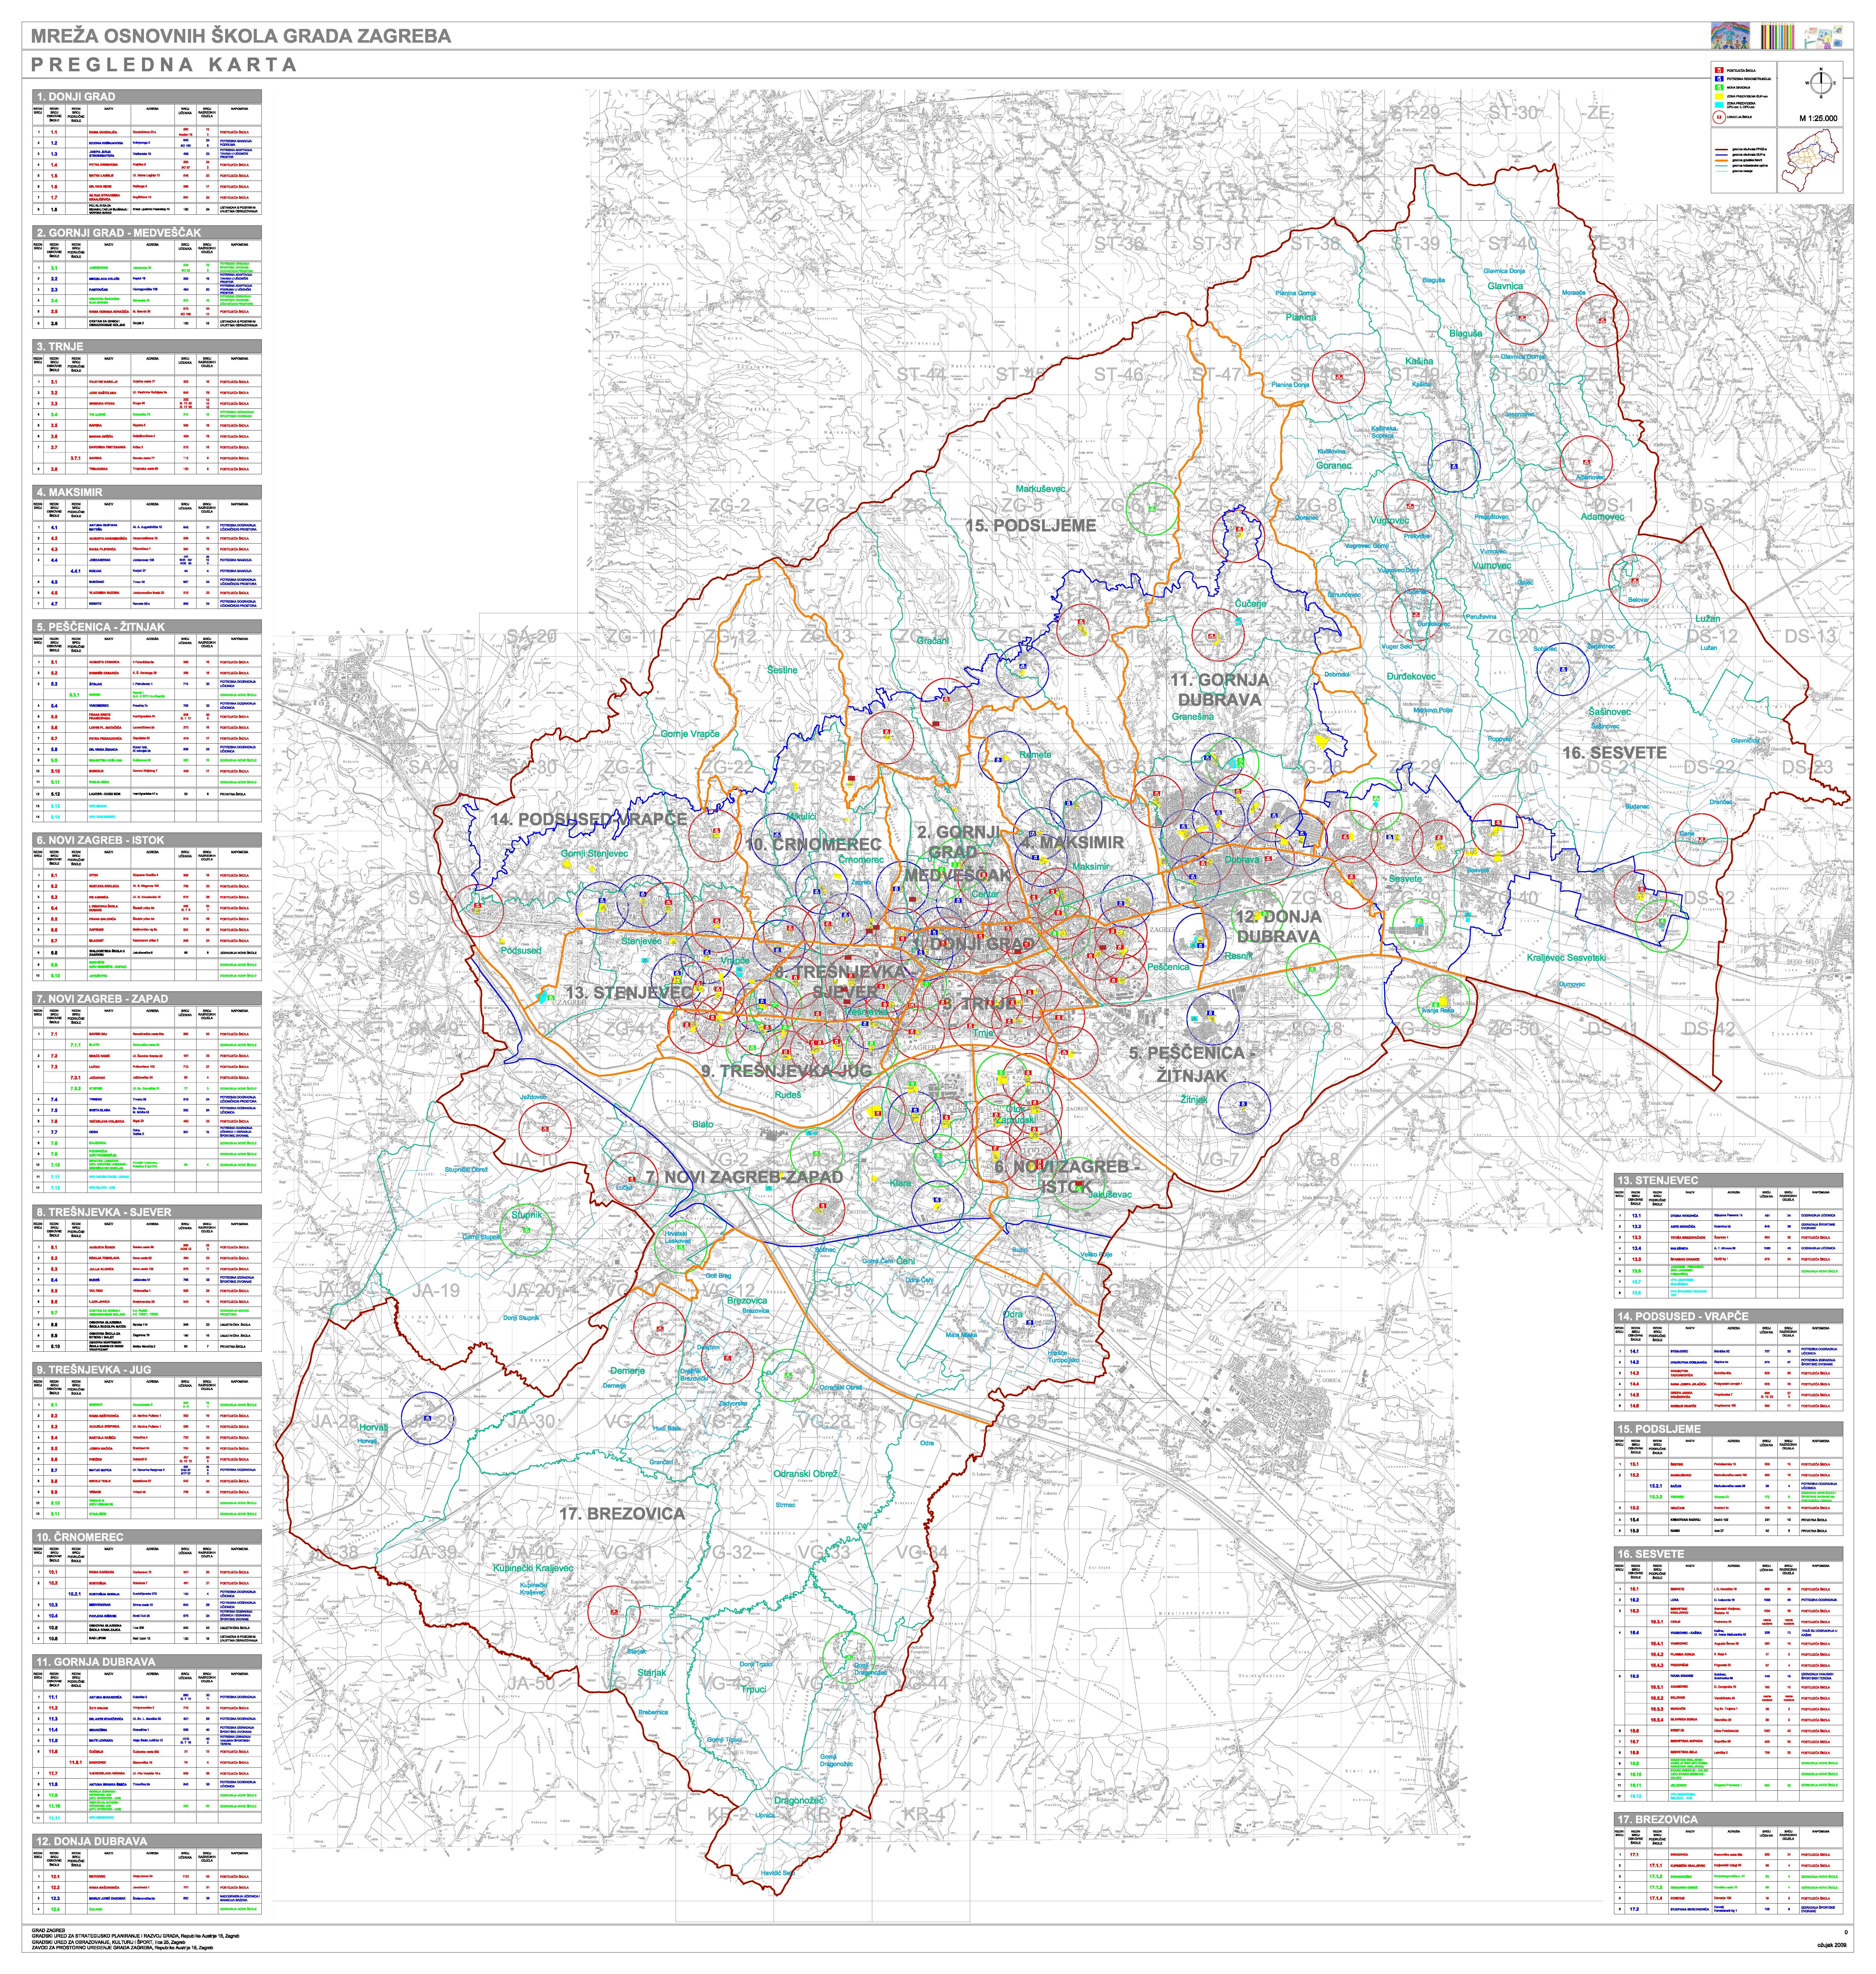 Grad zagreb slubene stranice pregledna karta altavistaventures Image collections